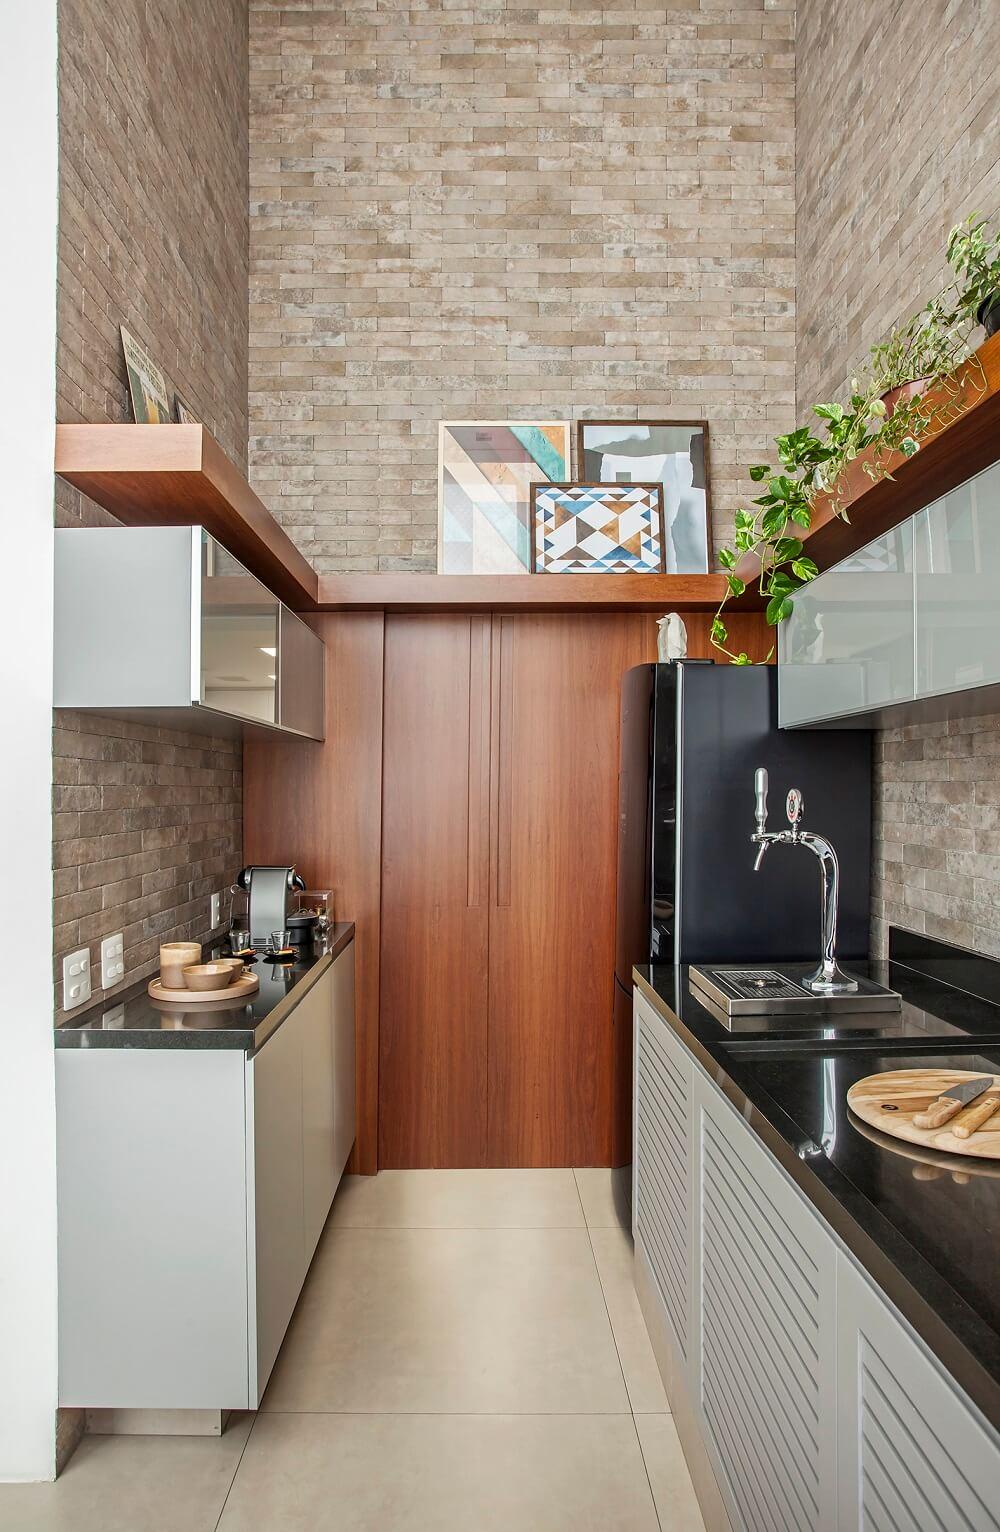 Nas paredes os bricks rústicos agregam valor ao décor e as prateleiras de madeira servem de apoio para quadros e vasos. Foto: Eduardo Pozella